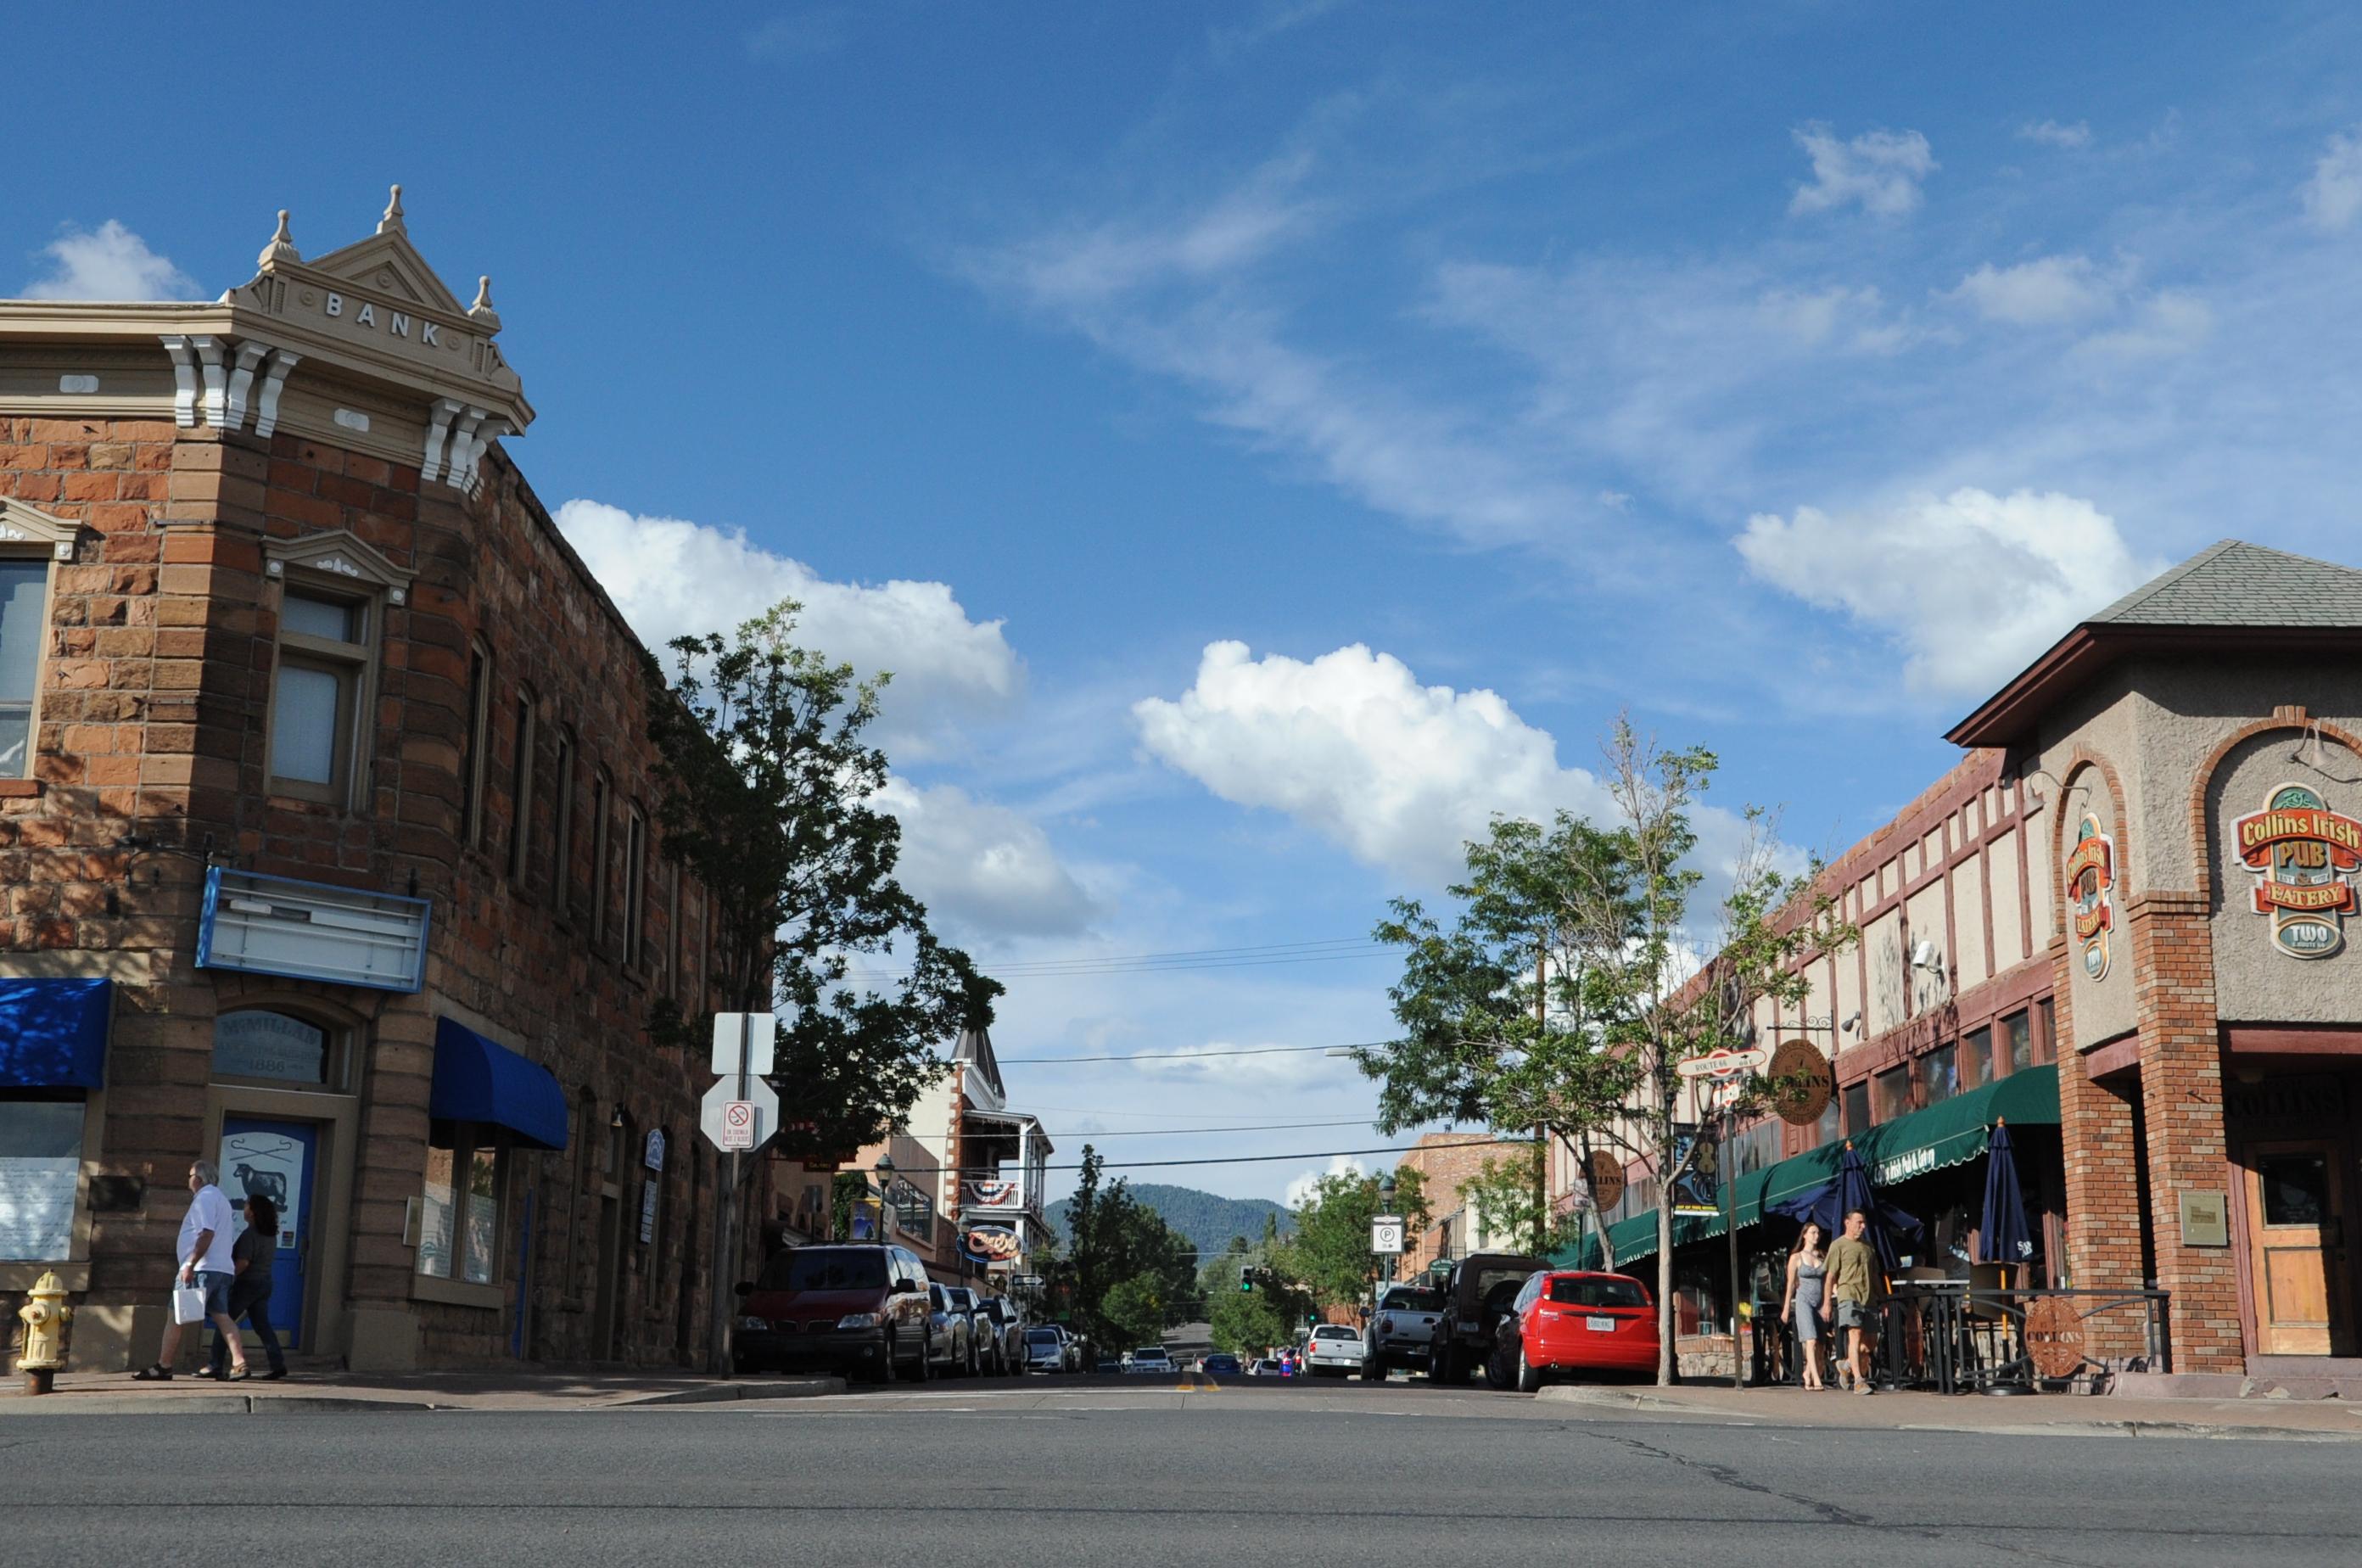 flagstaff - Old Town Road: conheça as charmosas cidades dos EUA que lembram a música de Lil Nas X